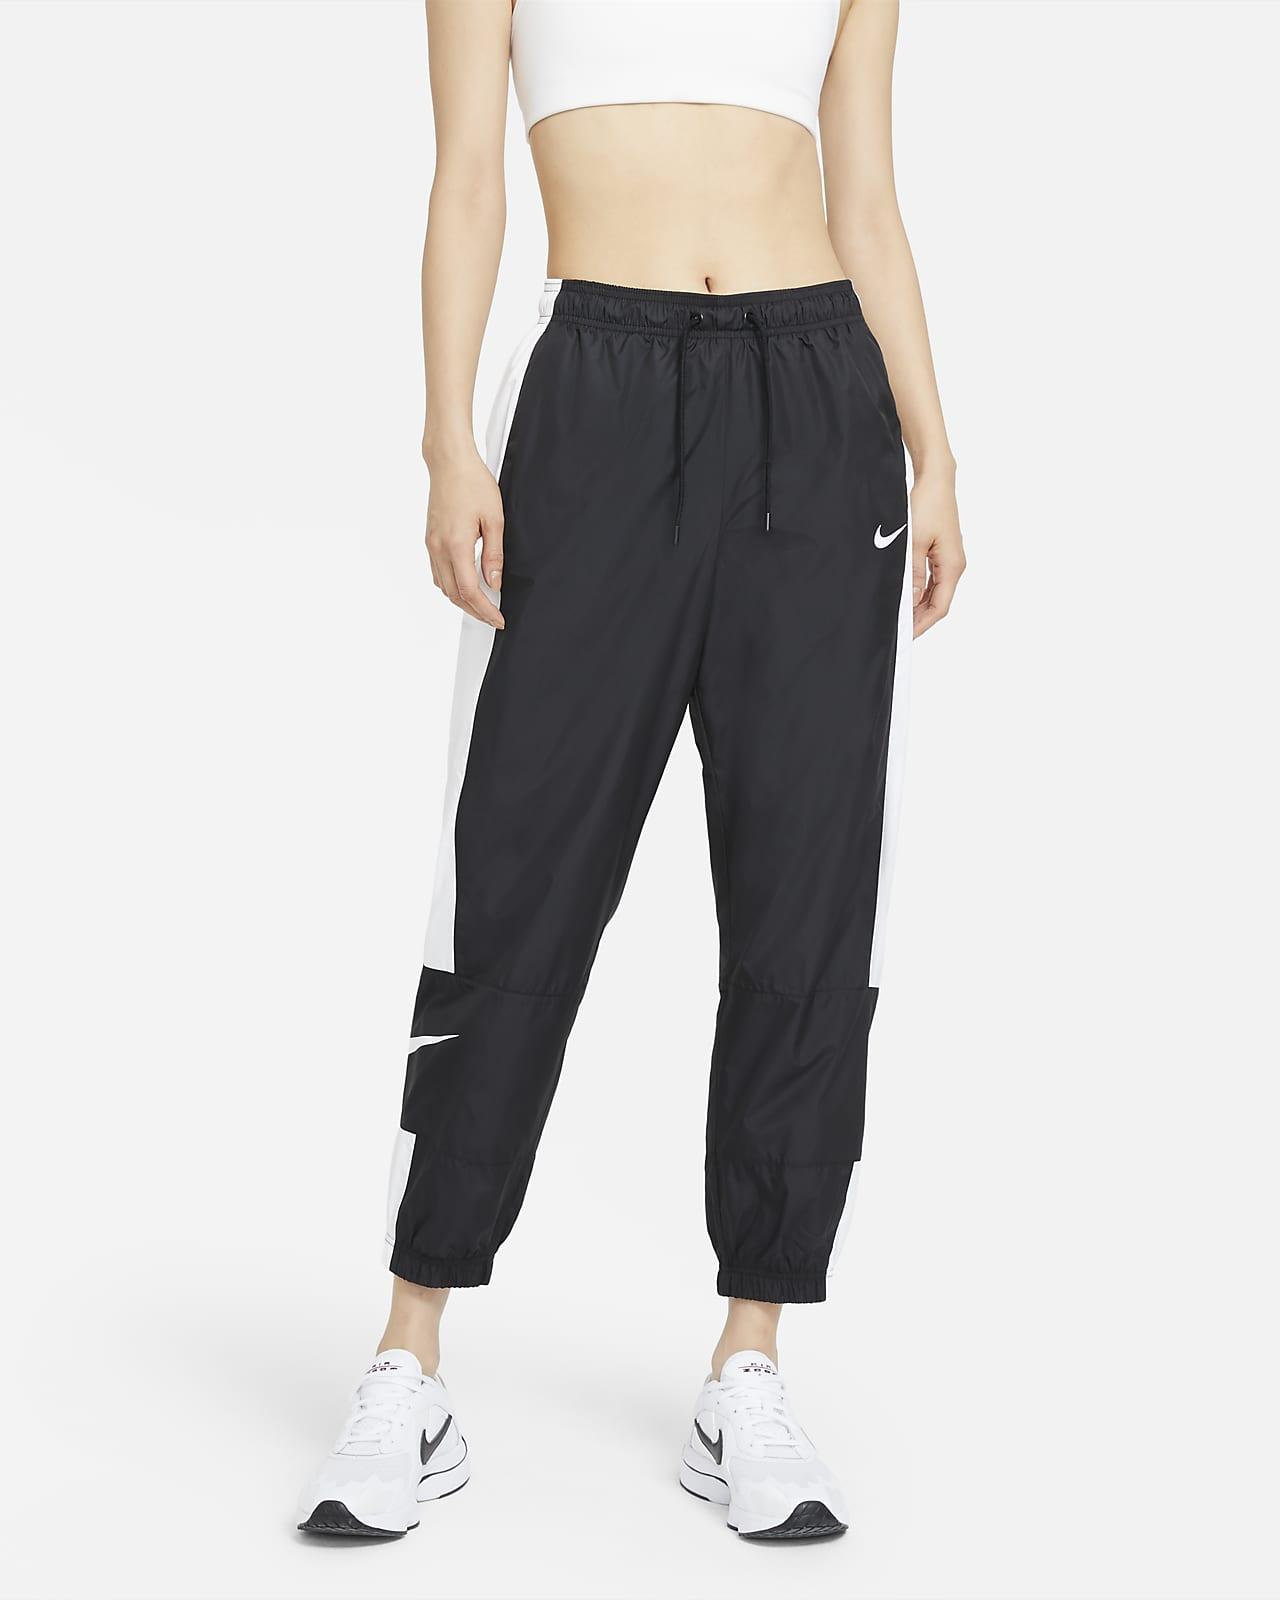 กางเกงขายาวผู้หญิงแบบทอ Nike Sportswear Repel